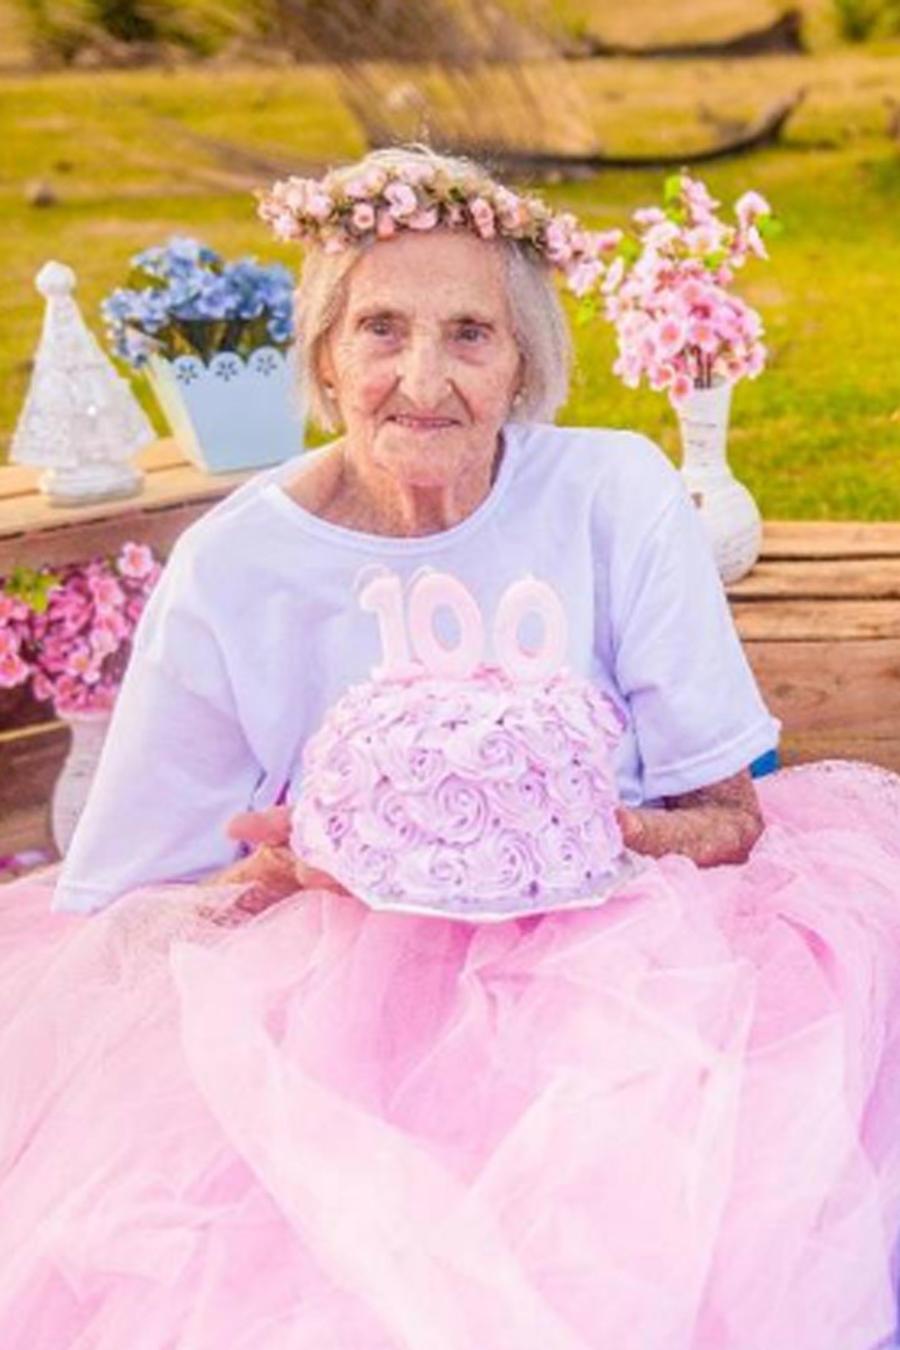 Gemelas centenarias